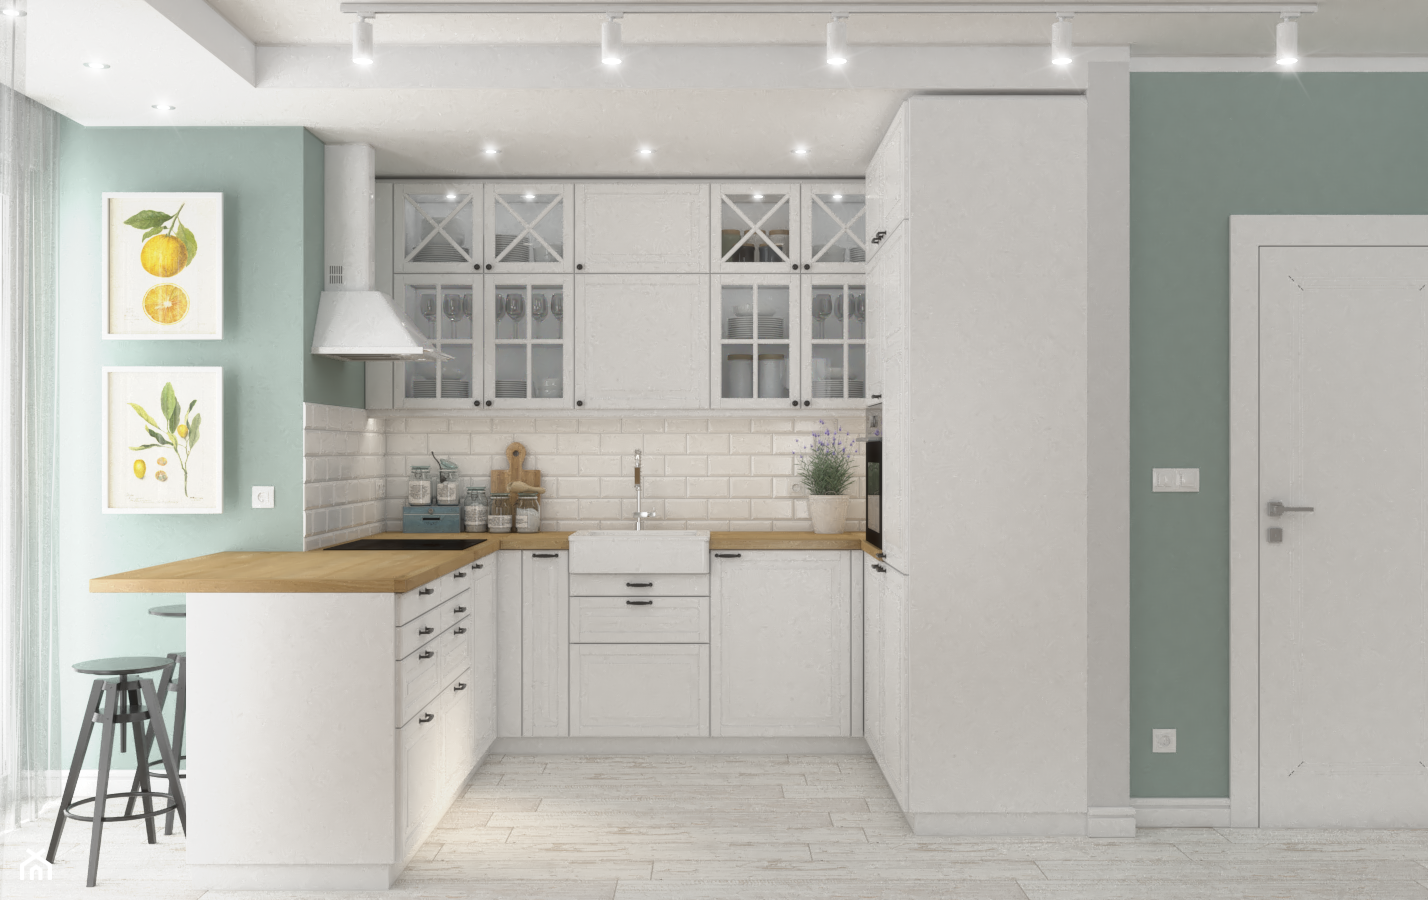 Dom w Krakowie 2 - Kuchnia, styl rustykalny - zdjęcie od VINSO Projektowanie Wnętrz - Homebook